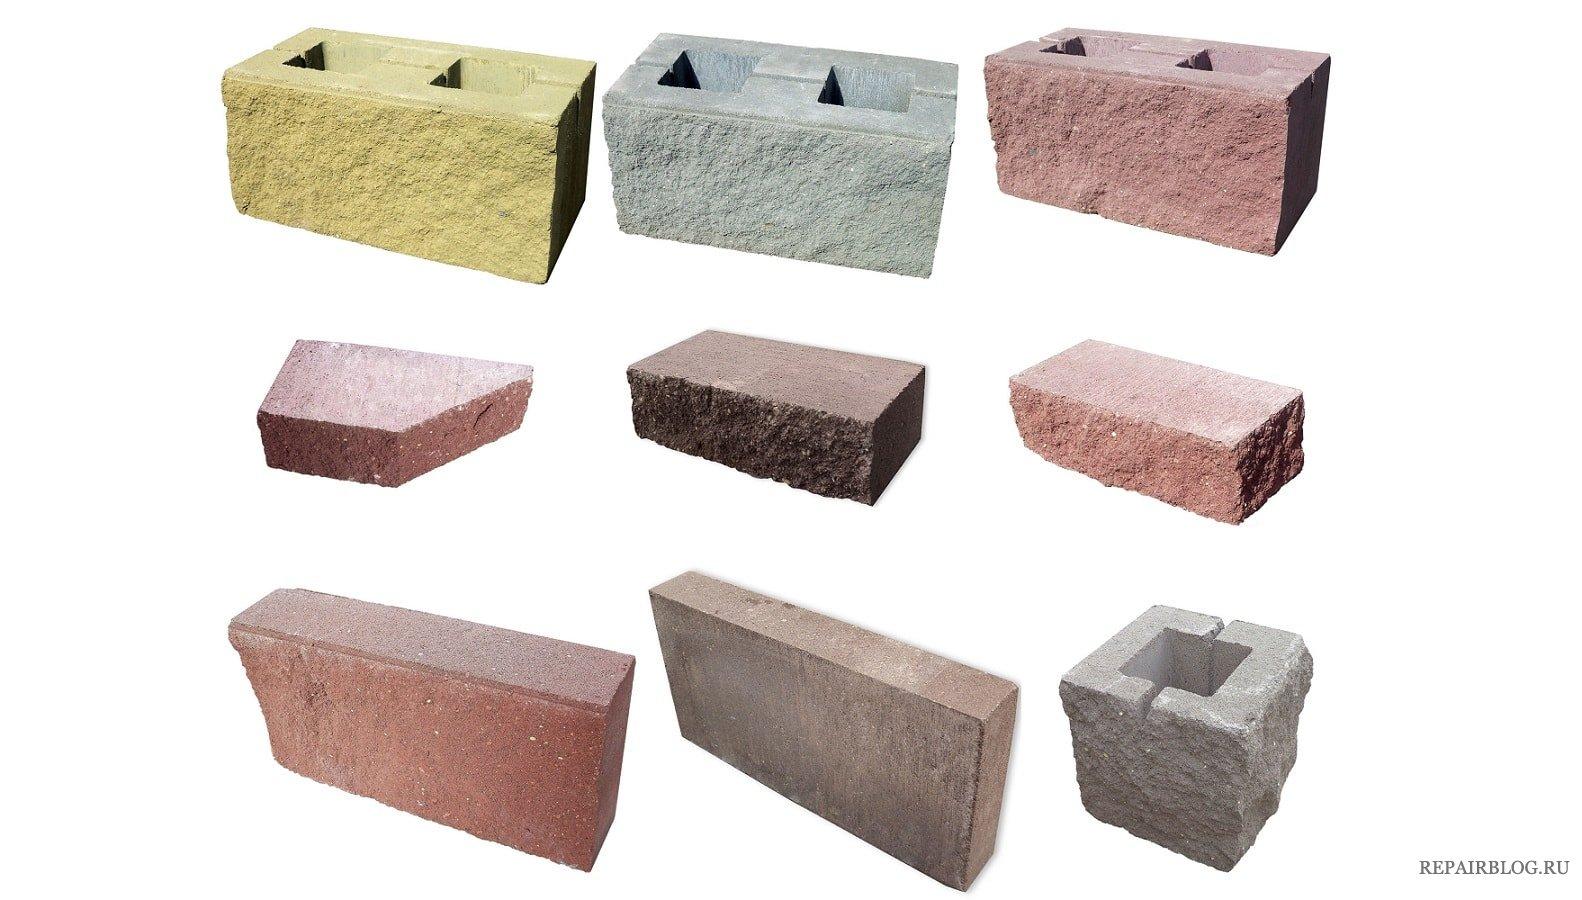 бетонные блоки виды фото праву